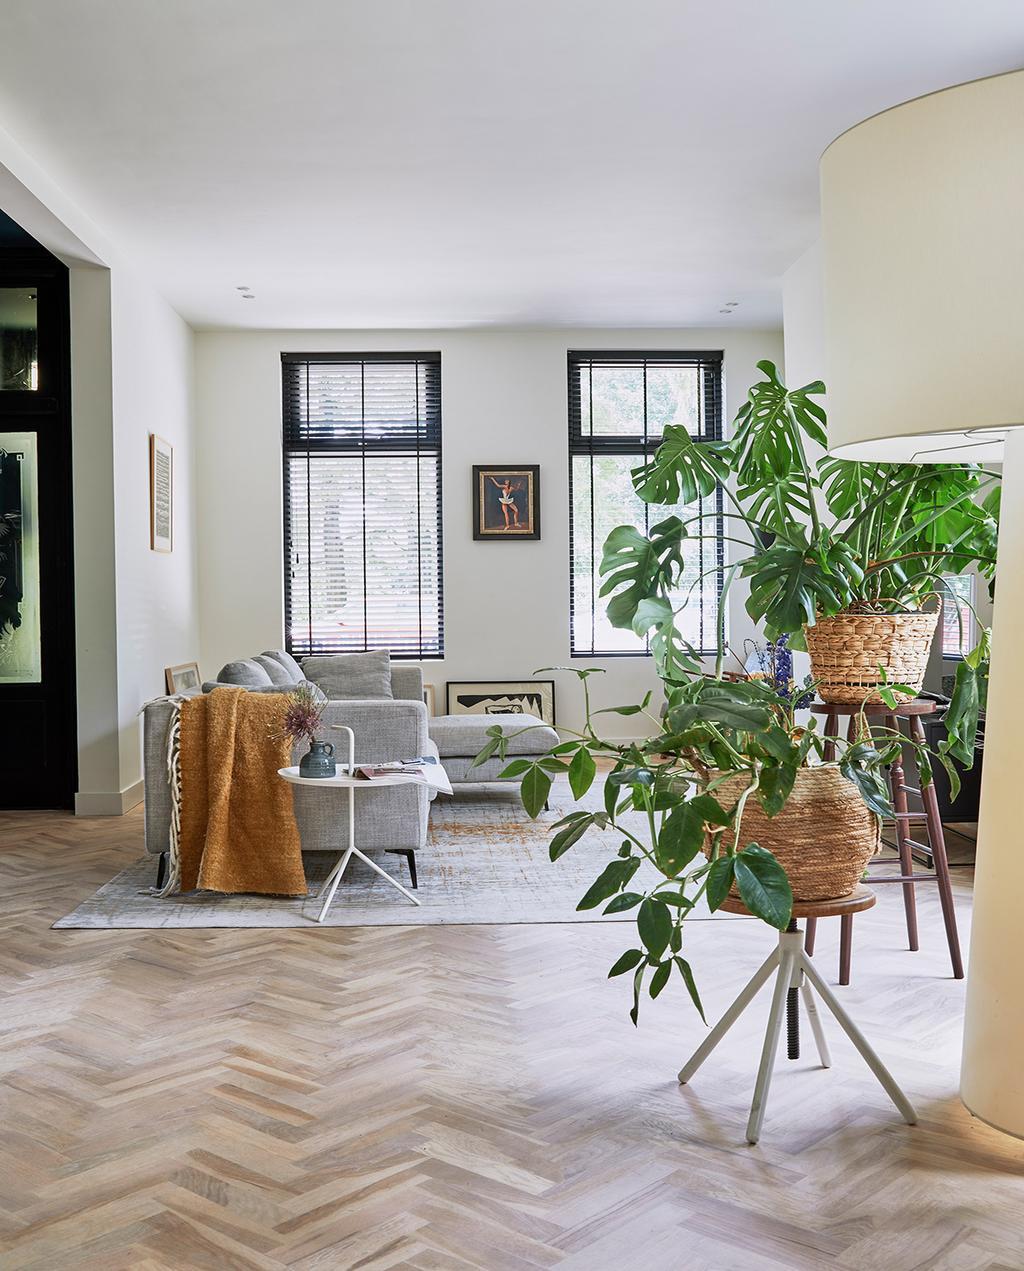 vtwonen 05-2021 | woonkamer met hoekbank grijs en planten | laminaat of parket